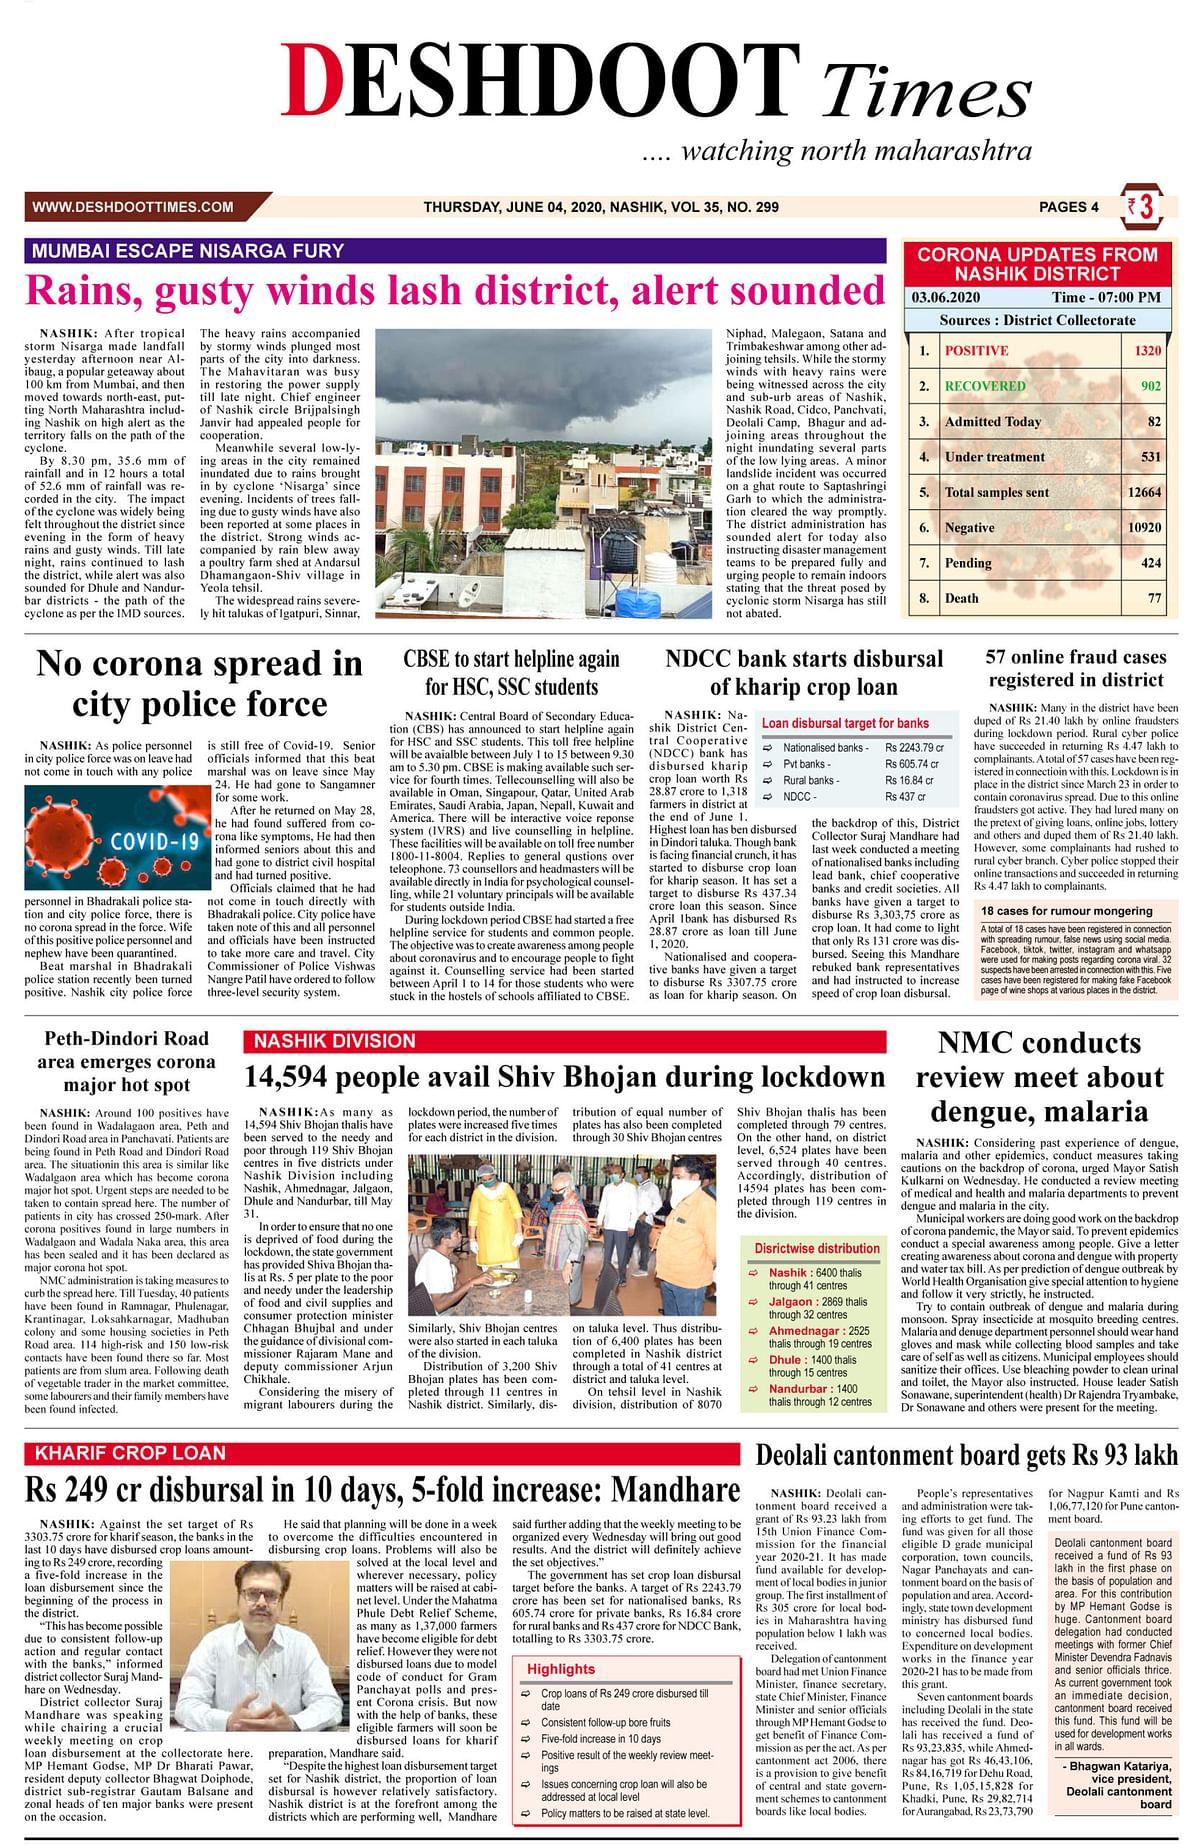 Deshdoot Times E-Paper, 04 June 2020